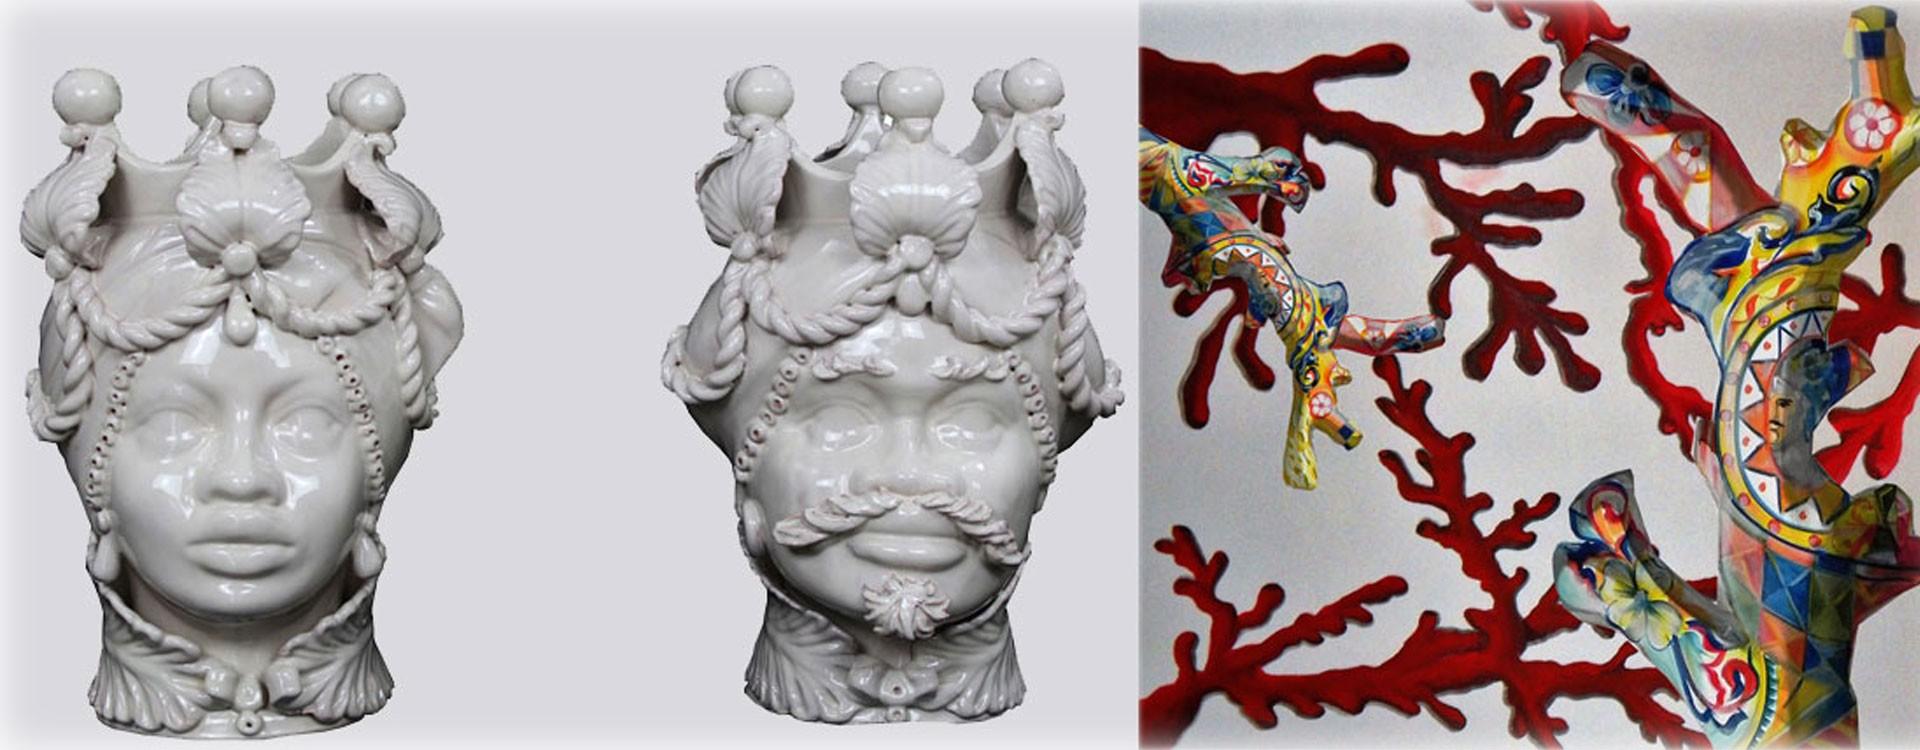 La forma in terracotta è stampata e modellata a mano. Storia Della Ceramica Siciliana Di Caltagirone Un Affascinante Viaggio Attraverso I Secoli